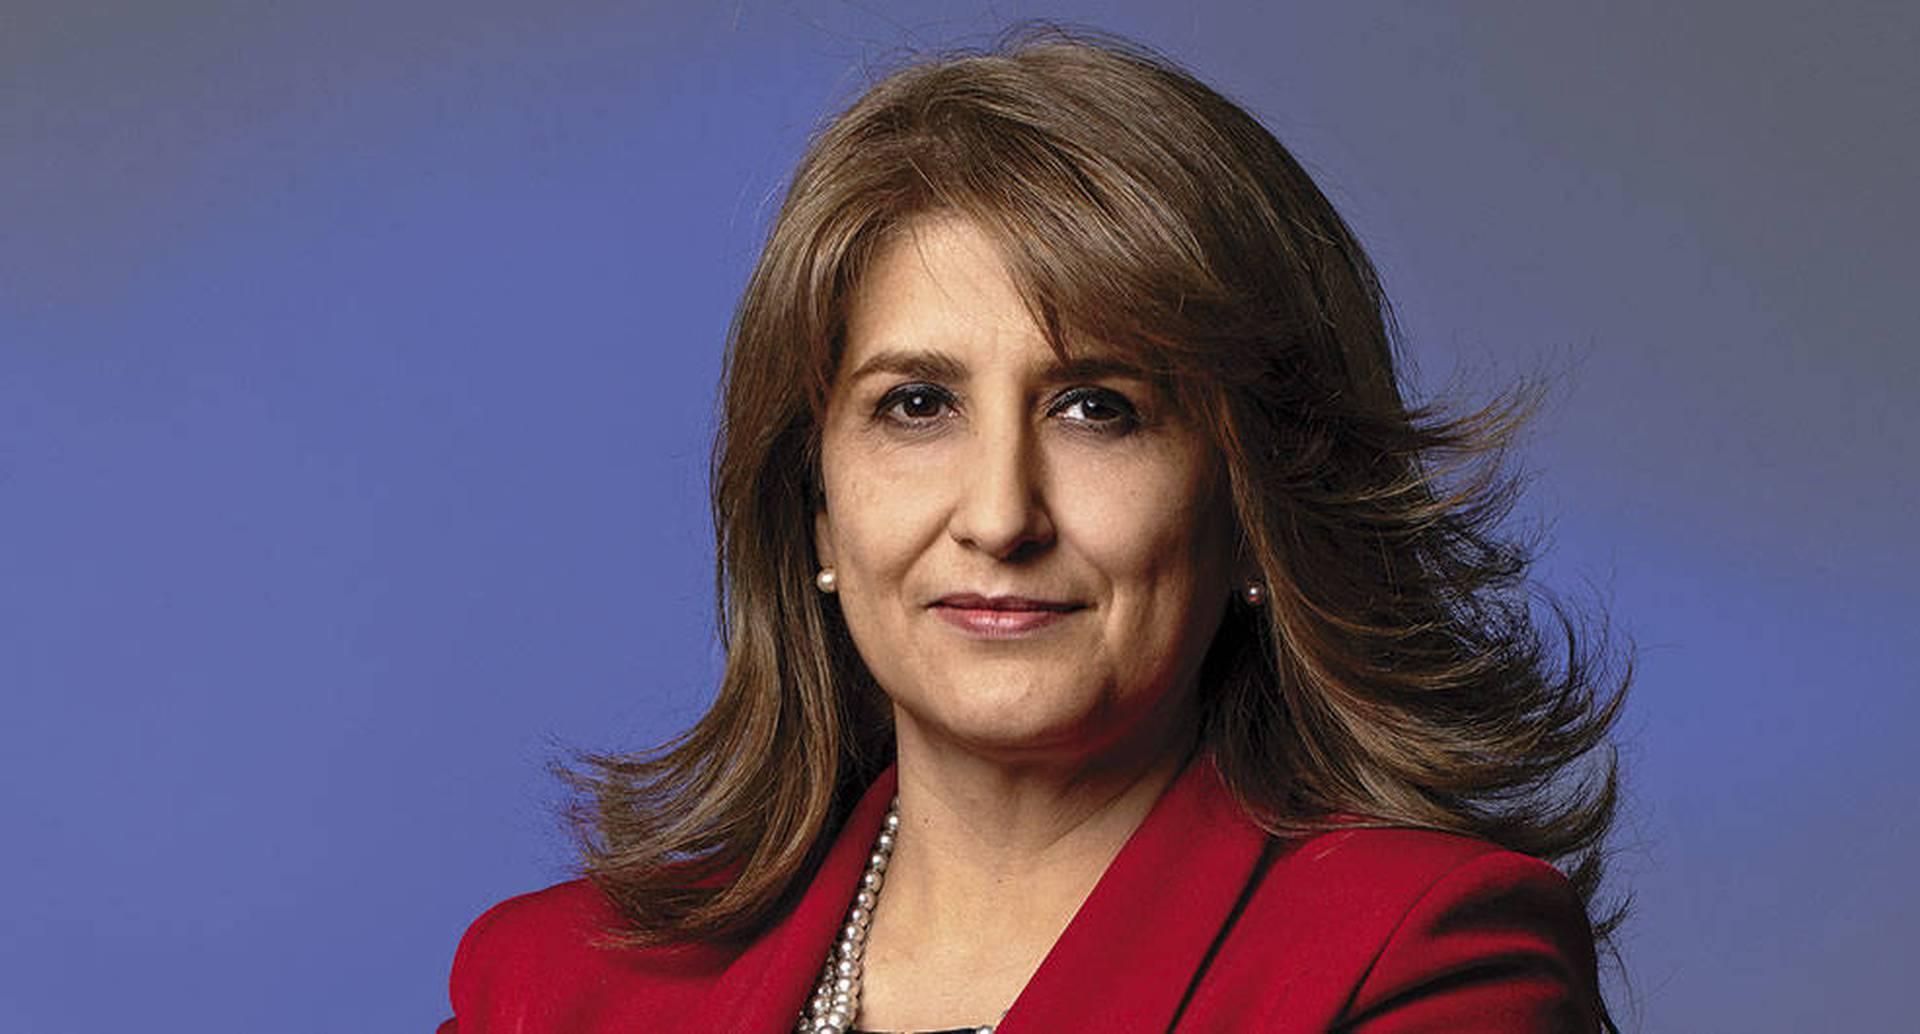 Ángela Patricia Rojas Agente especial de Electricaribe. La compañía ha logrado mantener los indicadores de cobro entre 82,71% y 85,21%. Eso ha permitido mantener a la compañía operando.